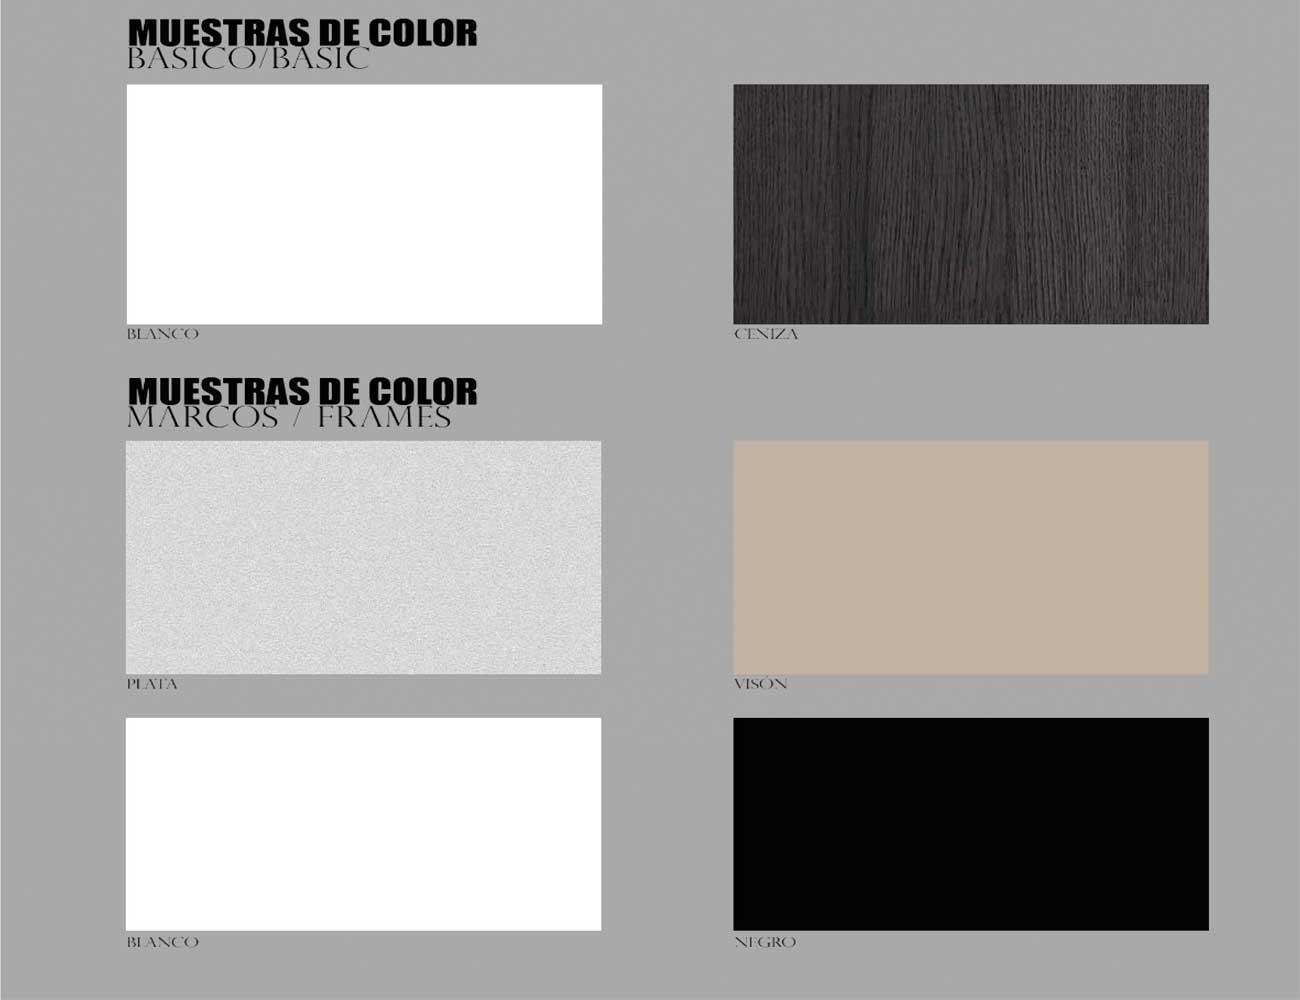 Colores tecnico16